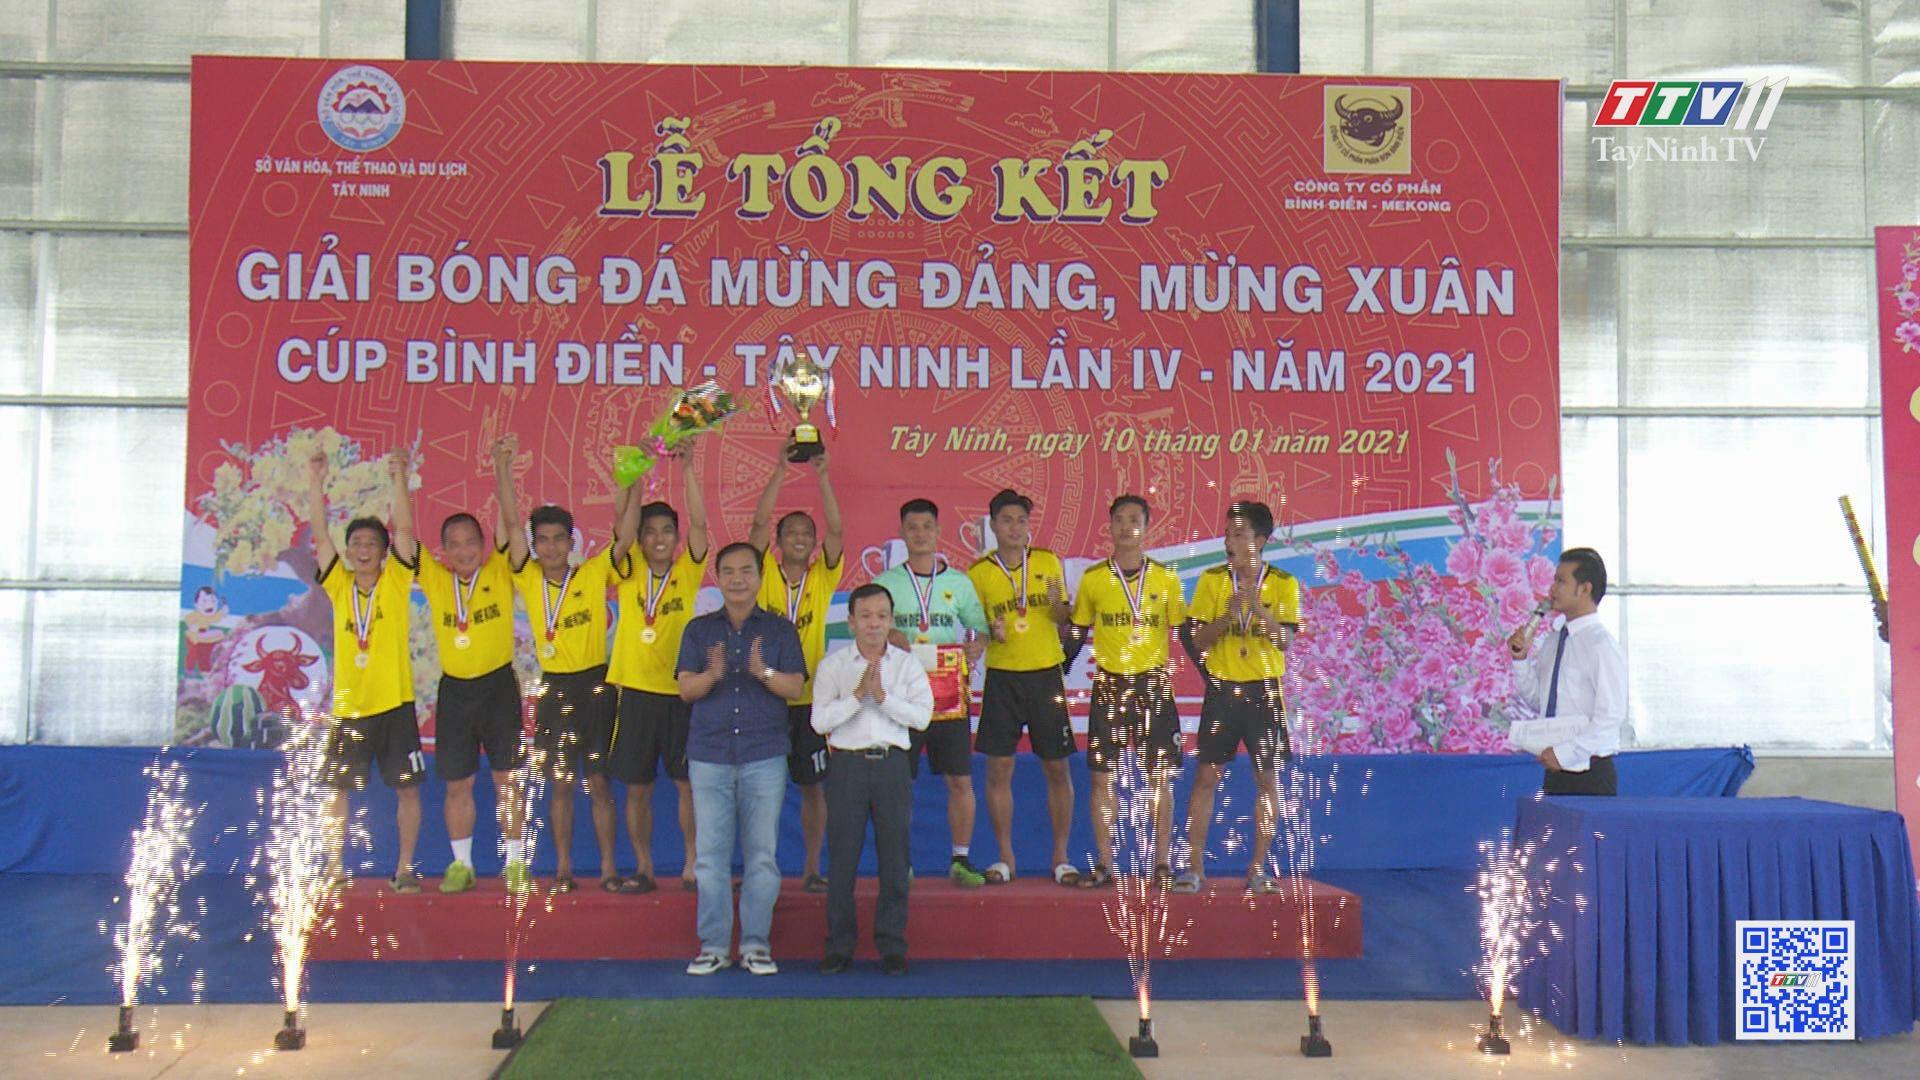 Giải bóng đá mừng Đảng, mừng xuân cúp Bình Điền Tây Ninh sân chơi hấp dẫn của bóng đá phong trào | BẢN TIN THỂ THAO | TayNinhTV